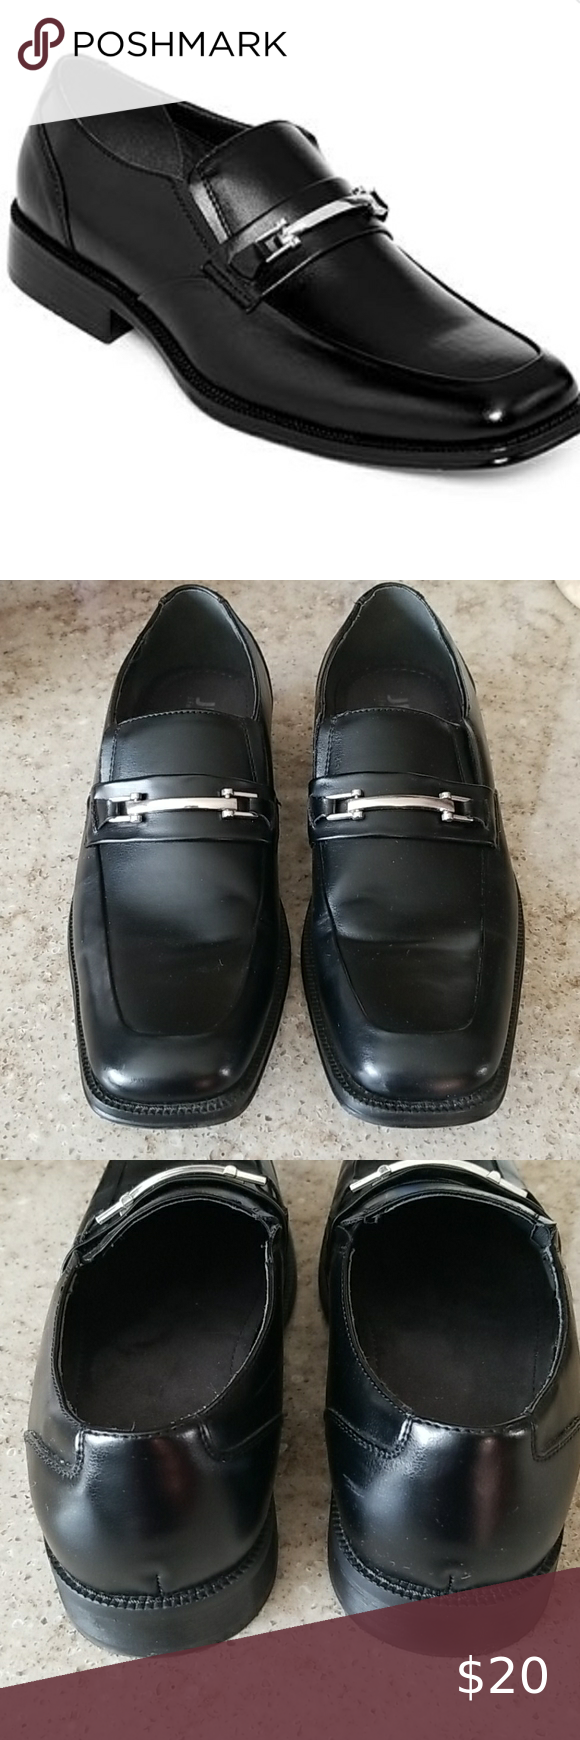 Jf J Ferrar Black Dress Loafers Black Dress Loafers Dress Loafers Loafers [ 1740 x 580 Pixel ]